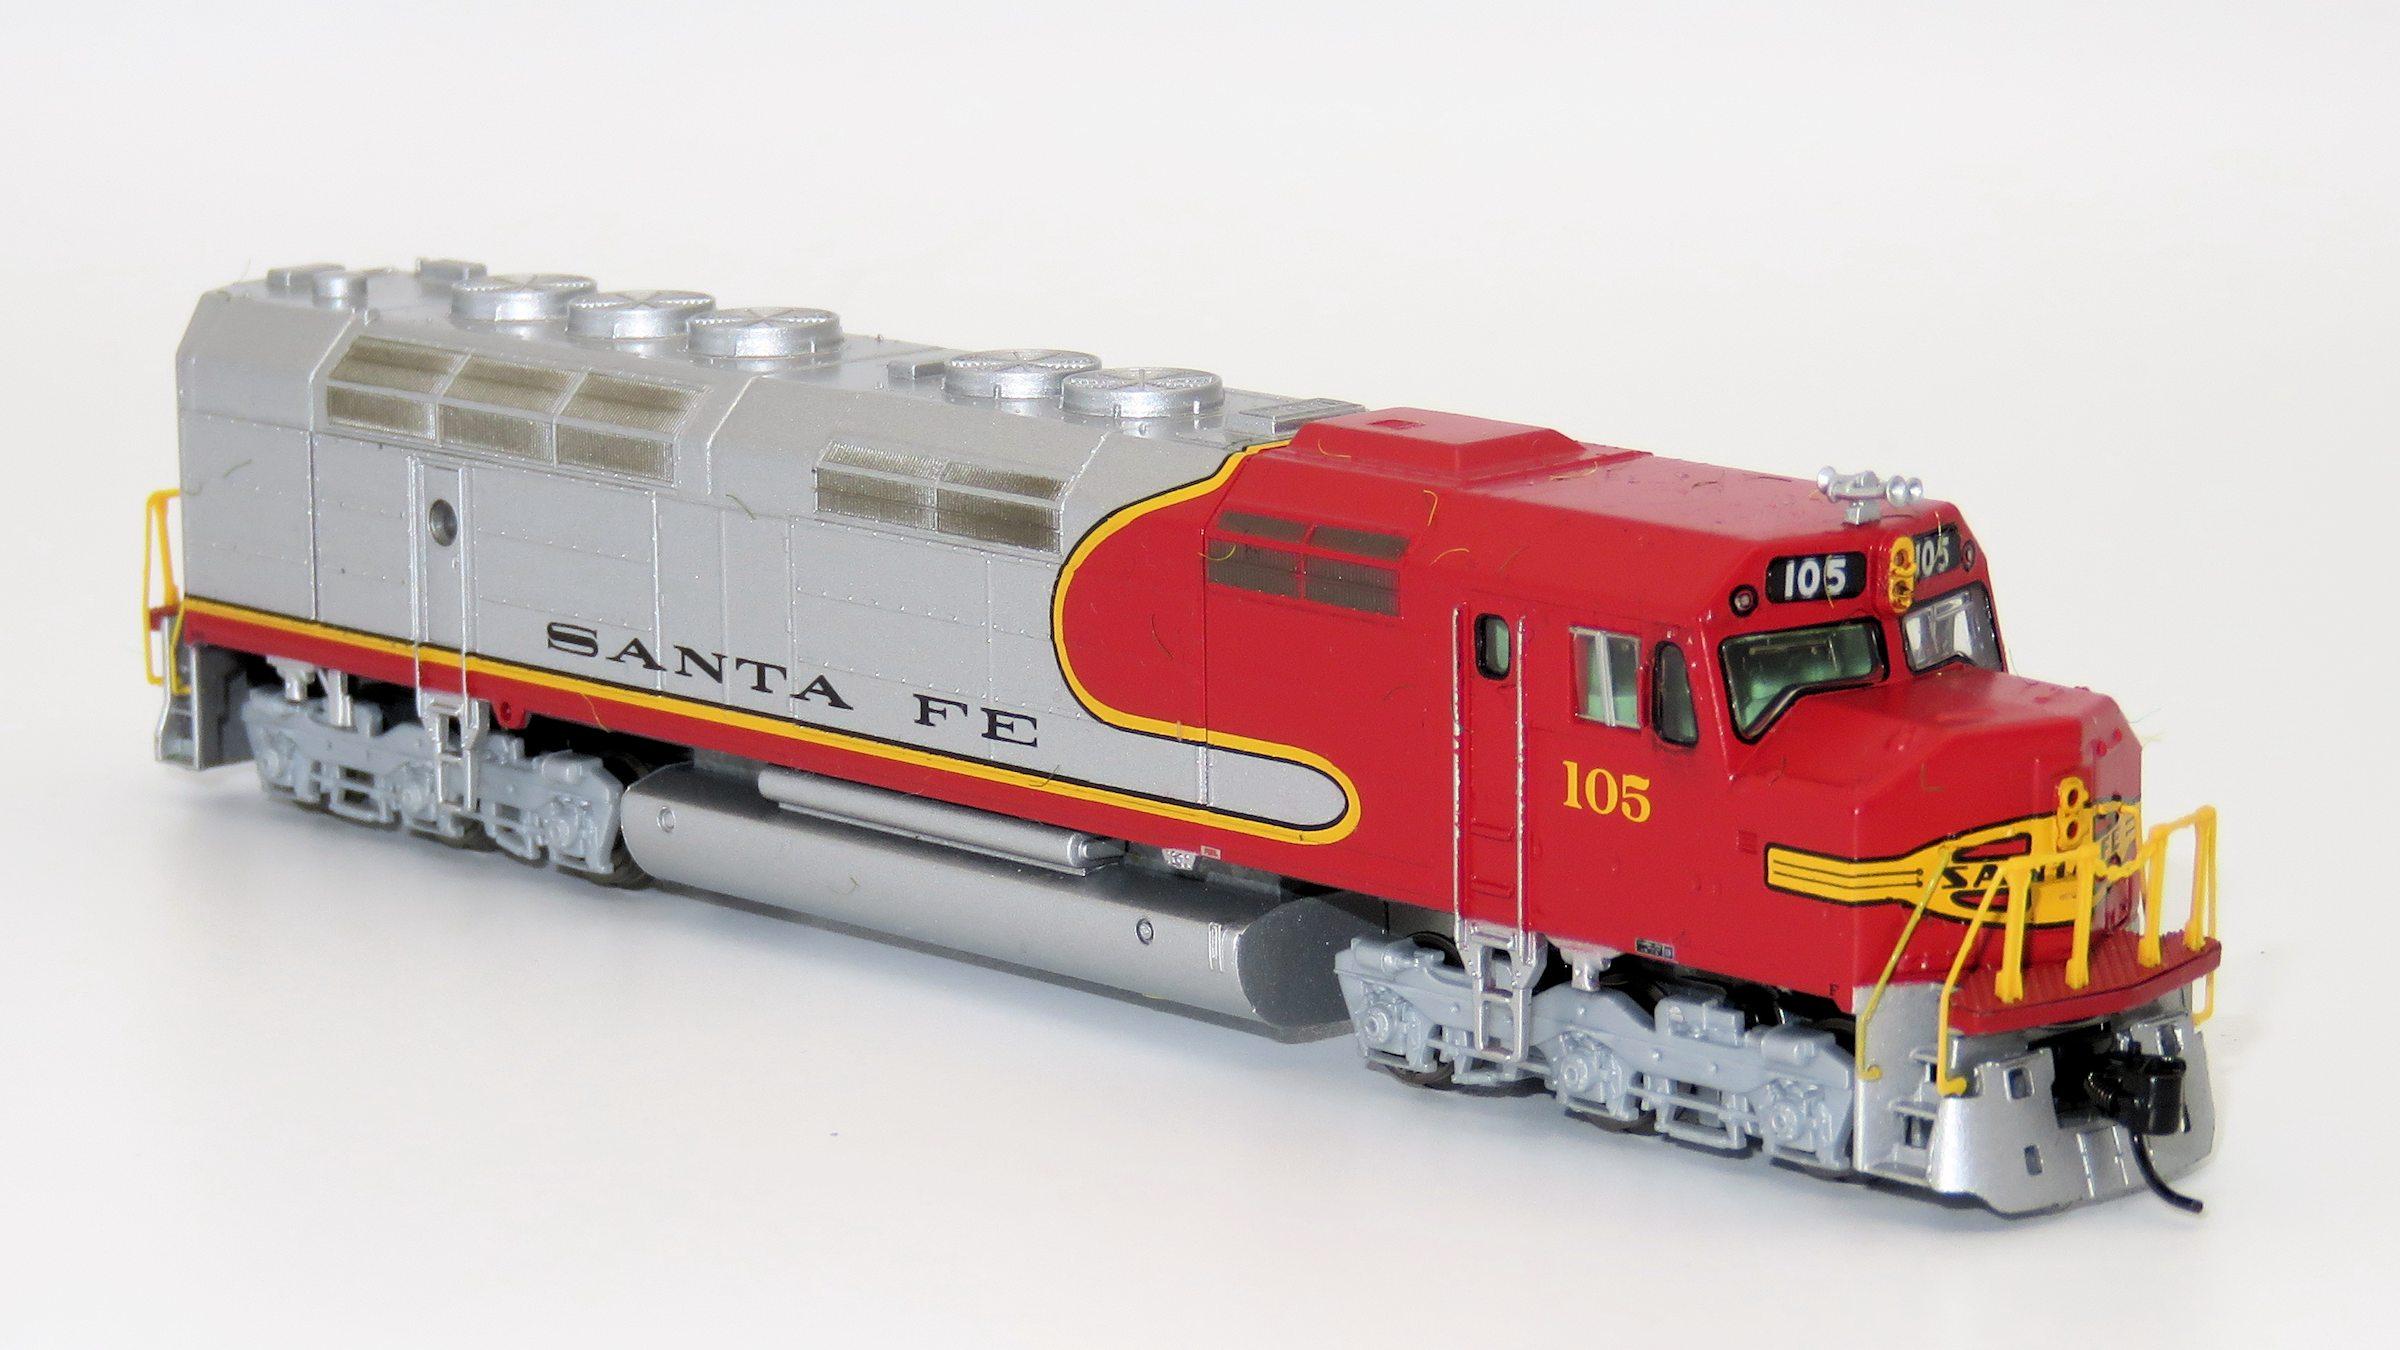 N Scale - Athearn - 16810 - Locomotive, Diesel, EMD FP45 - Santa Fe - 105